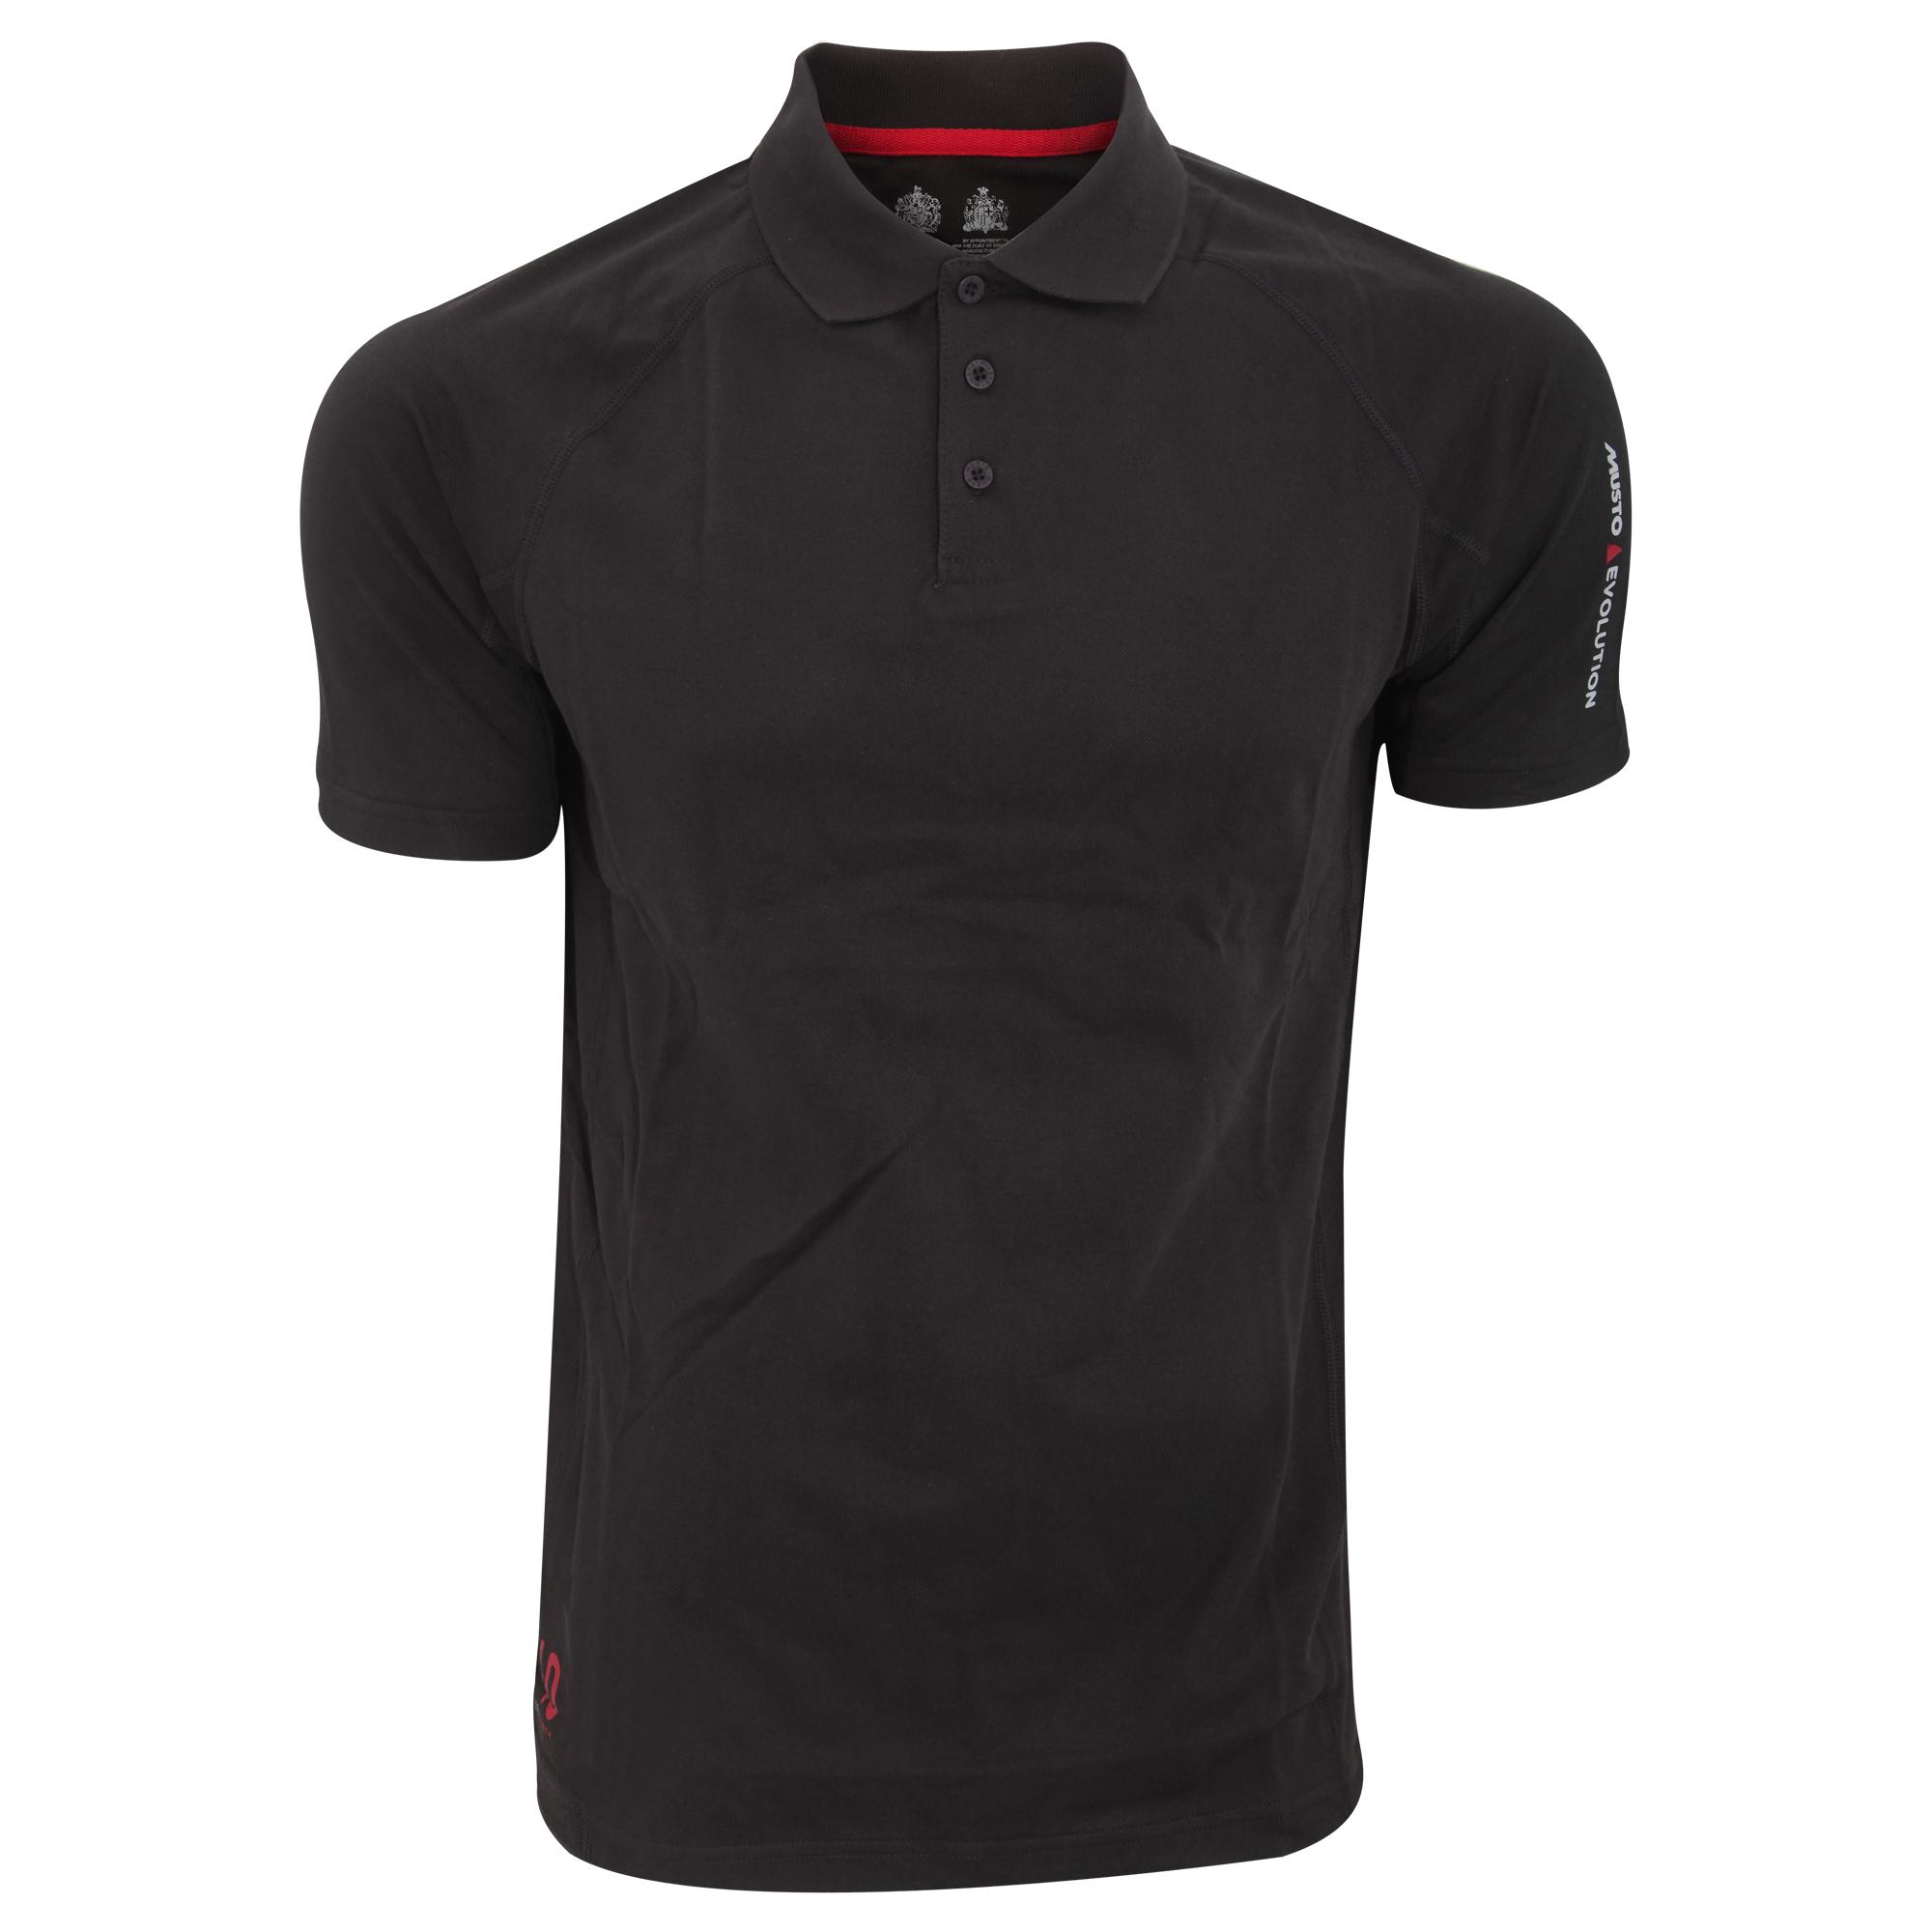 Musto-Mens-Essential-Evo-UV-FD-Short-Sleeve-Polo-Shirt-RW3682